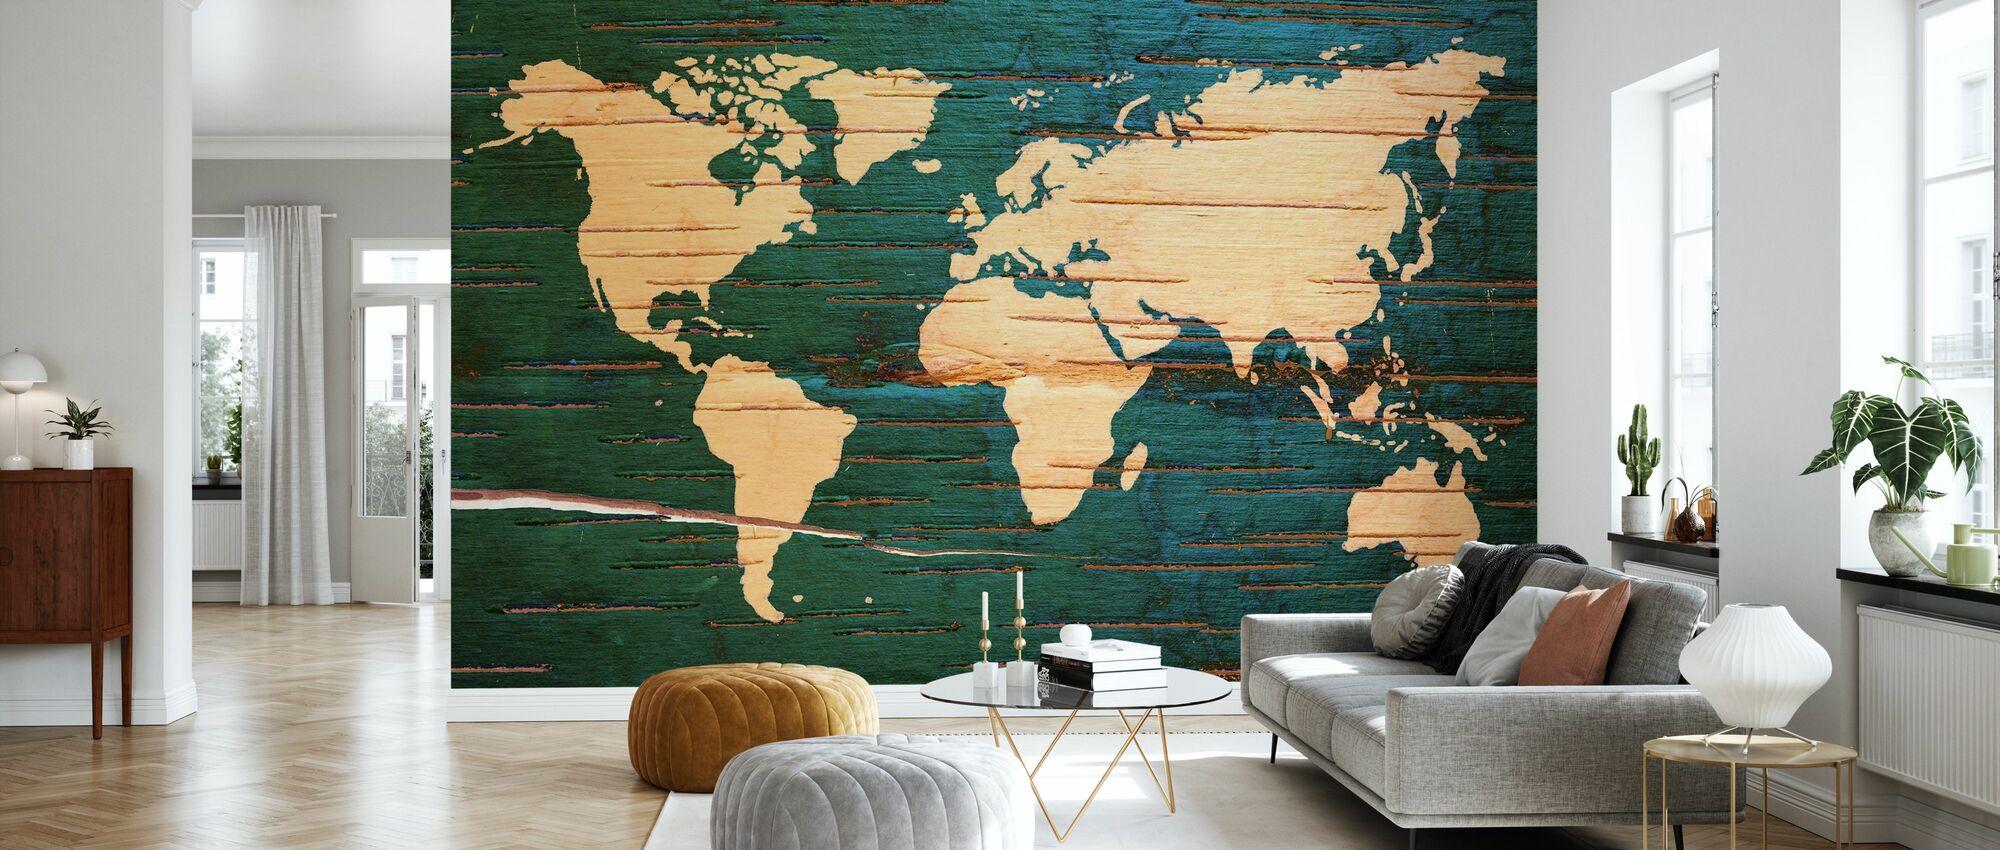 Weltkarte auf Holzwand - Tapete - Wohnzimmer